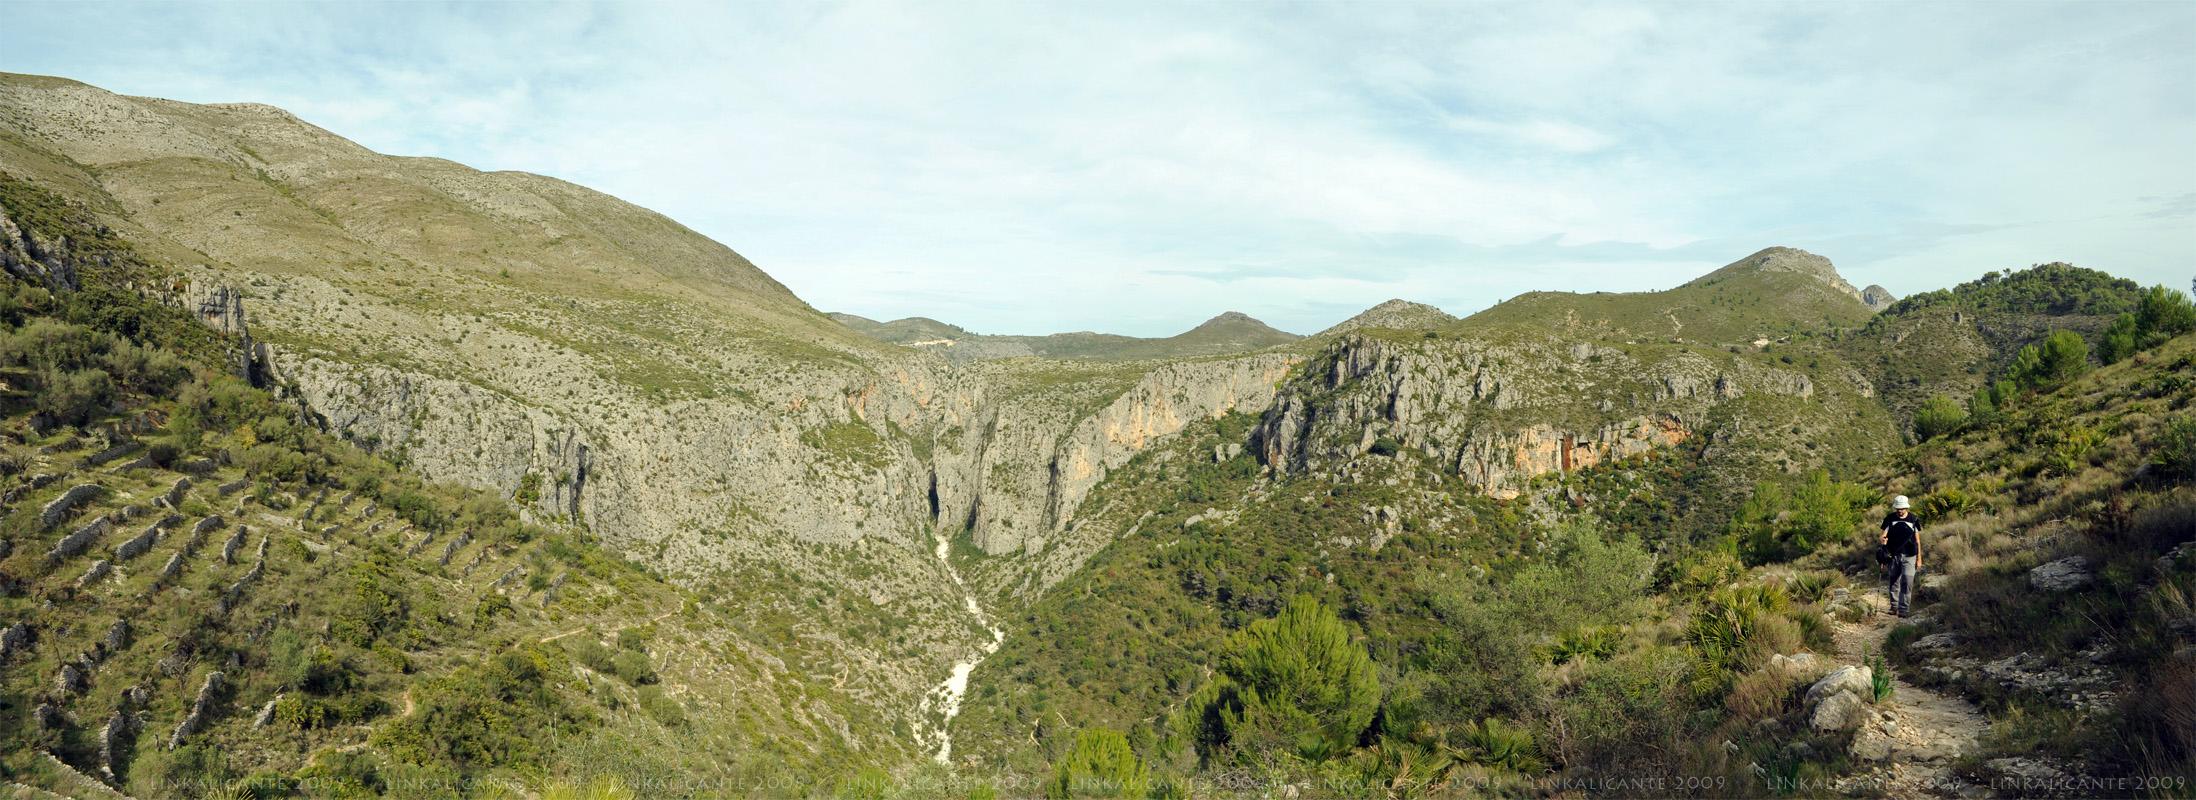 Barranc de l'Infern - Vista panorámica